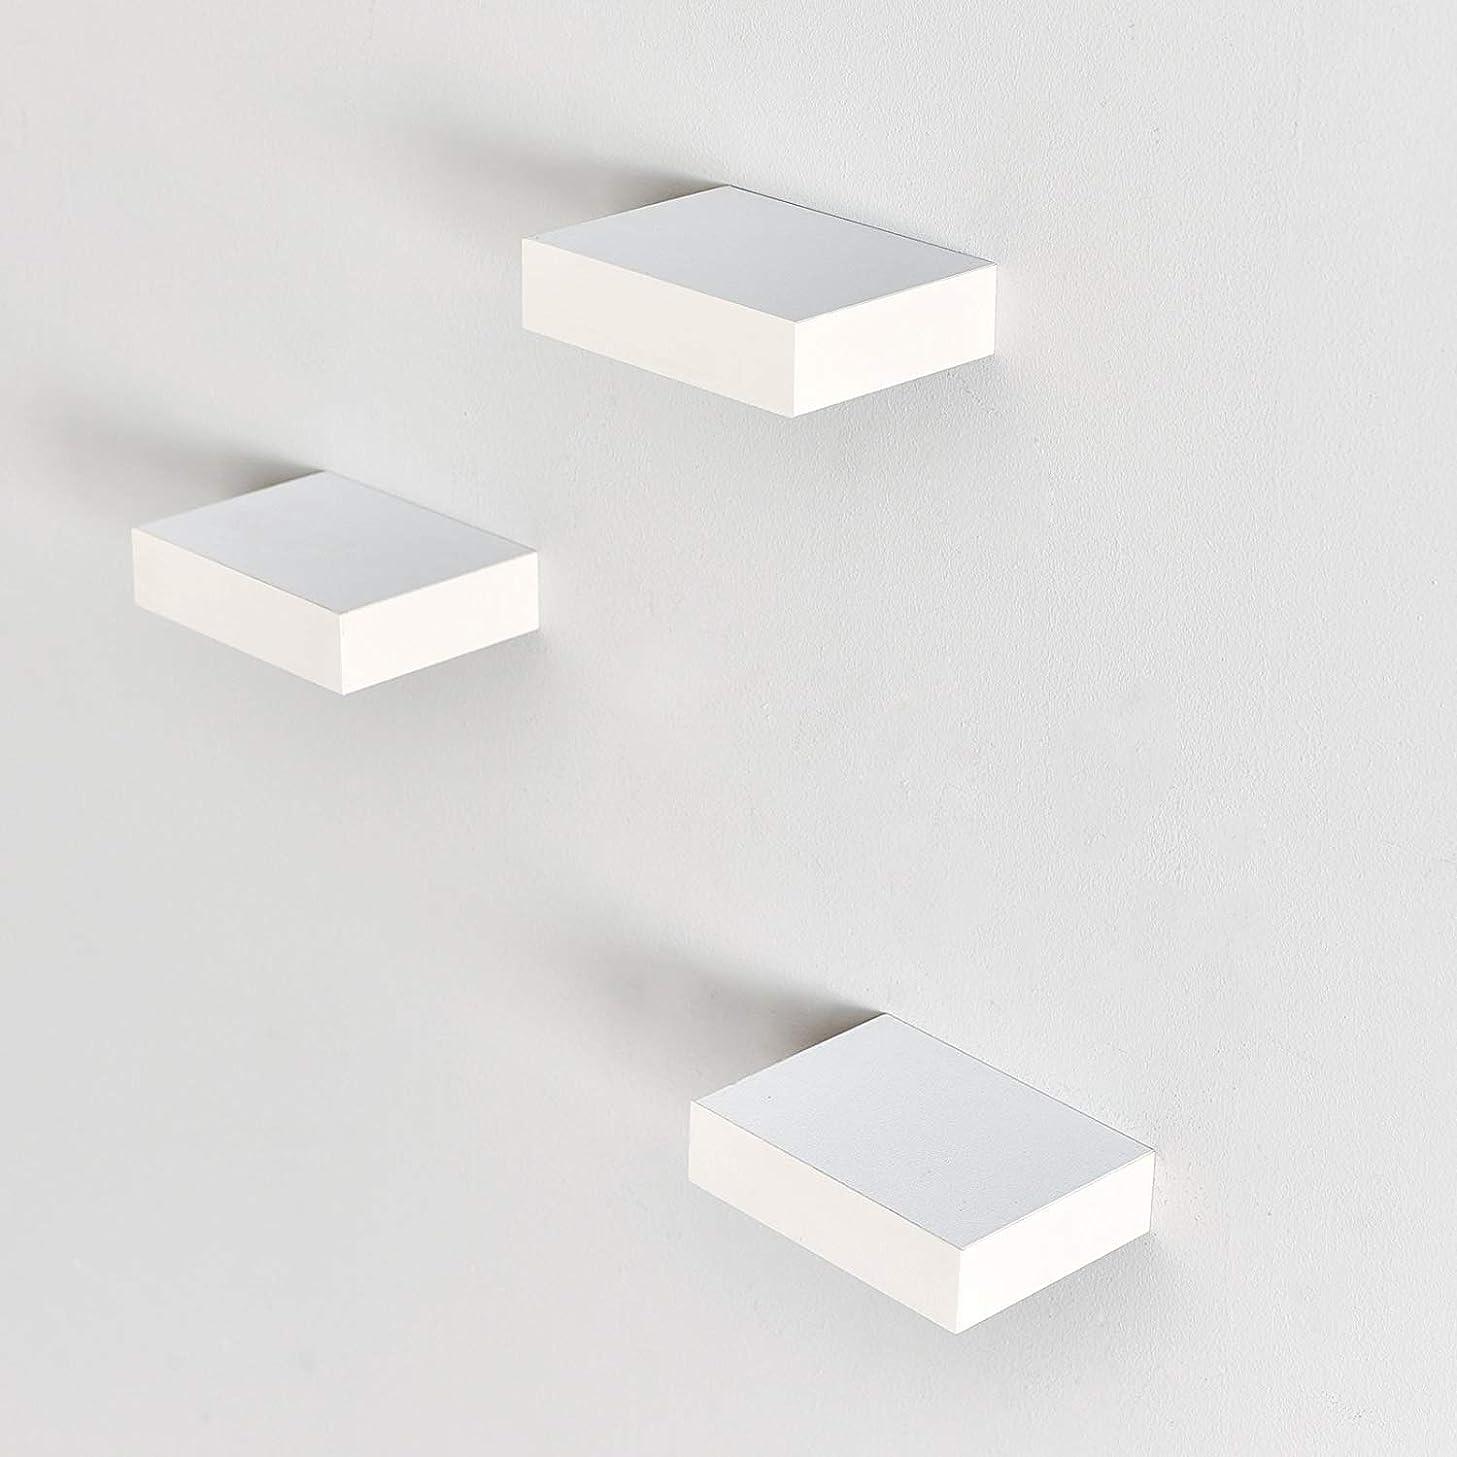 可動式出発するわかるLAPTAIN 壁掛け 棚 飾り棚 ウォールシェルフ ディスプレイ 天然木製 日常の空間をお洒落に可愛く 石膏ボード 三点セット ミニミニ ホワイト